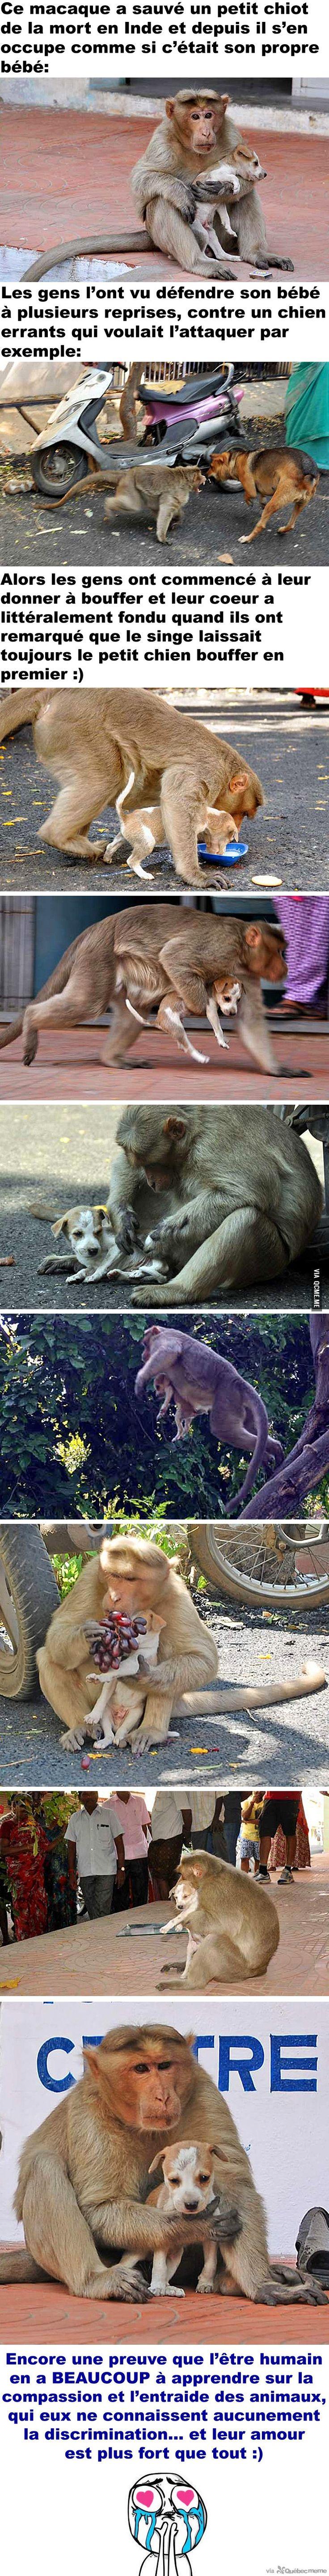 WOW. Voici la preuve que les êtres humains en ont encore ÉNORMÉMENT à apprendre des animaux: